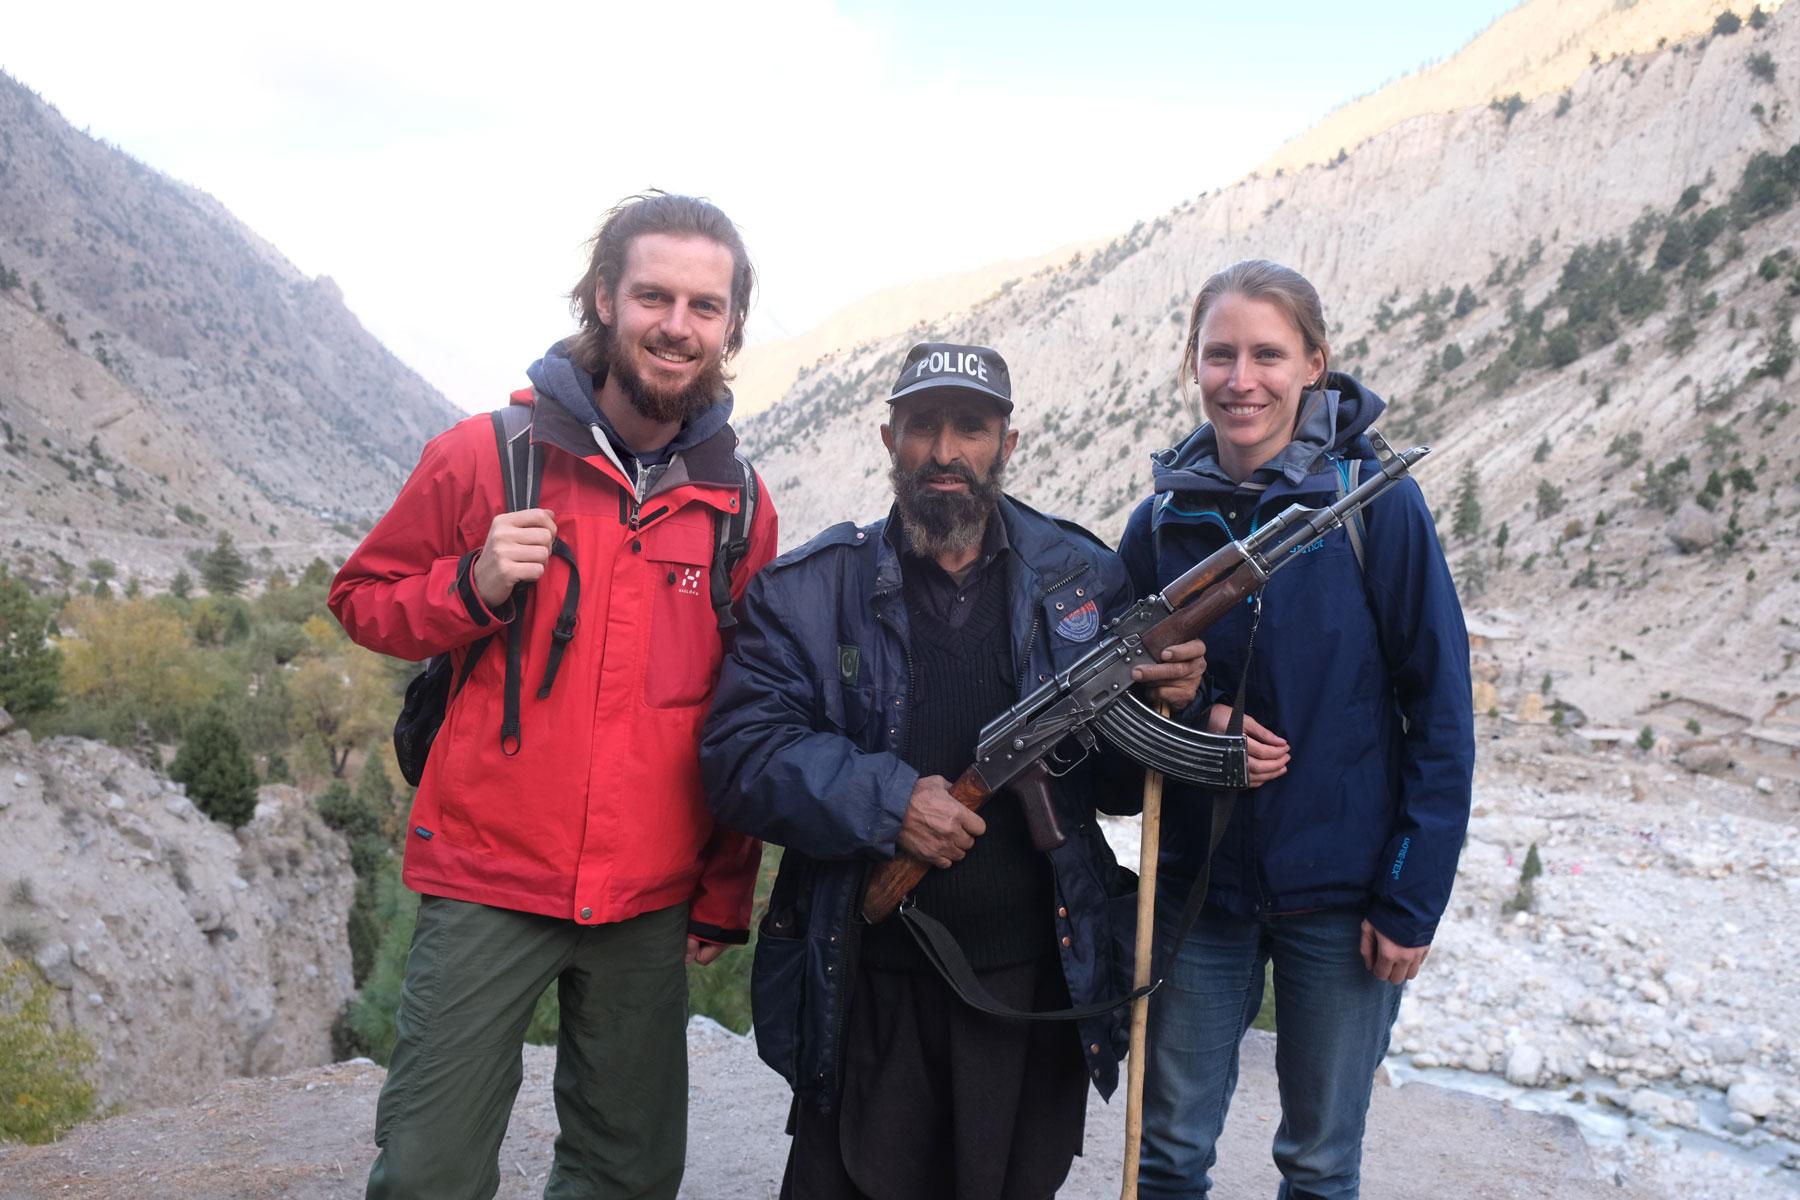 Sebastian und Leo neben einem Mann mit Maschinengewehr.